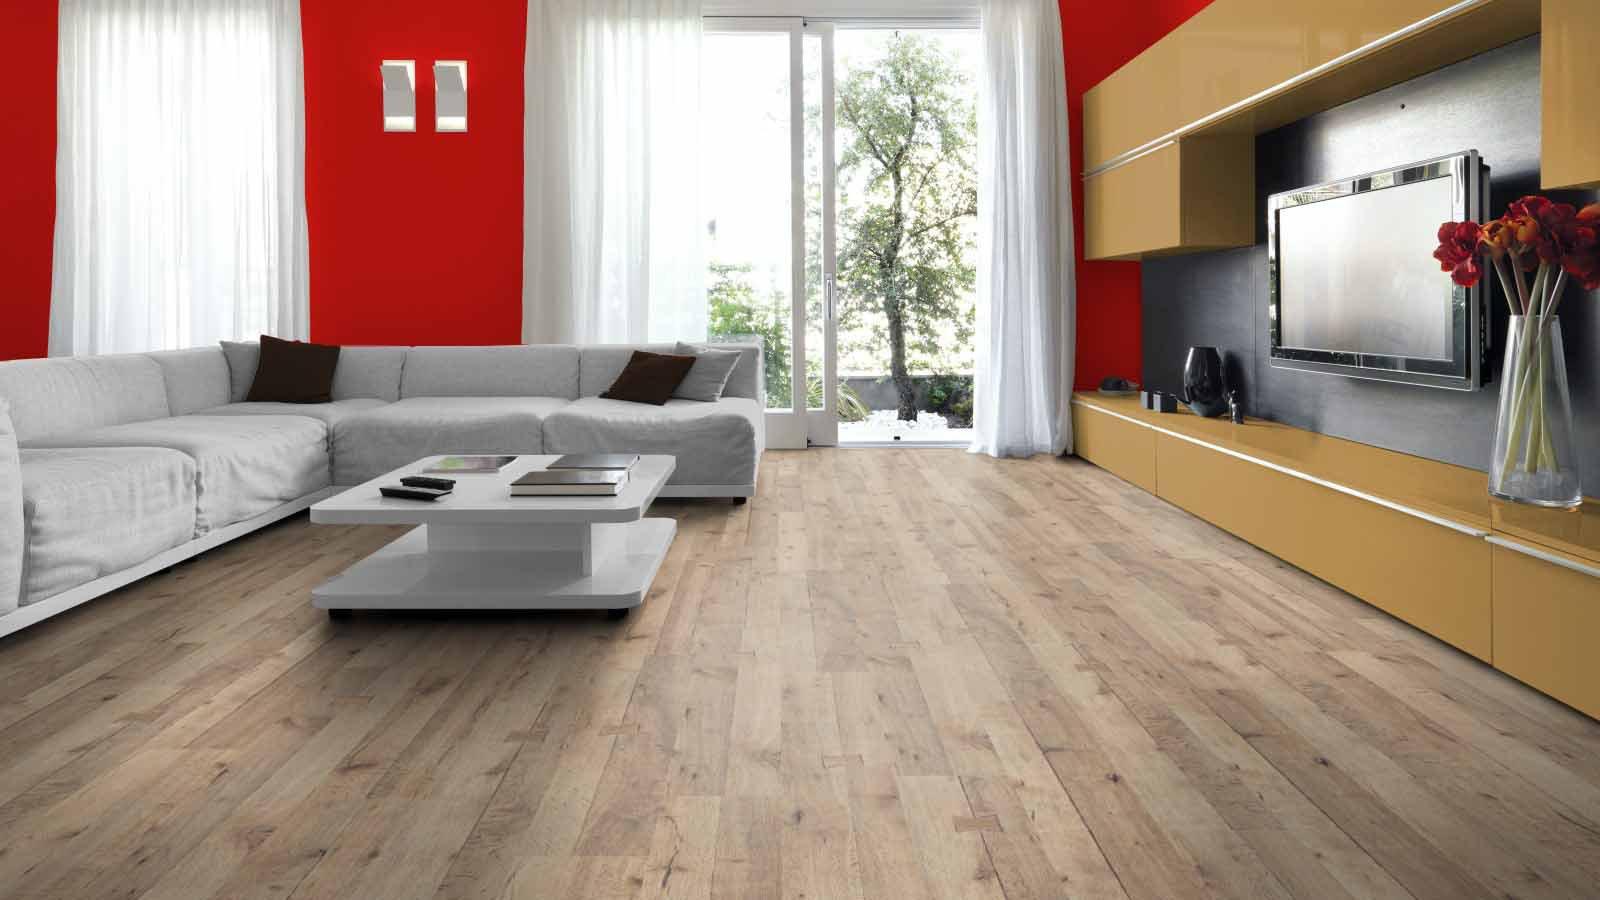 Как выбирают линолеум в комнату квартиры, общие рекомендации и критерии